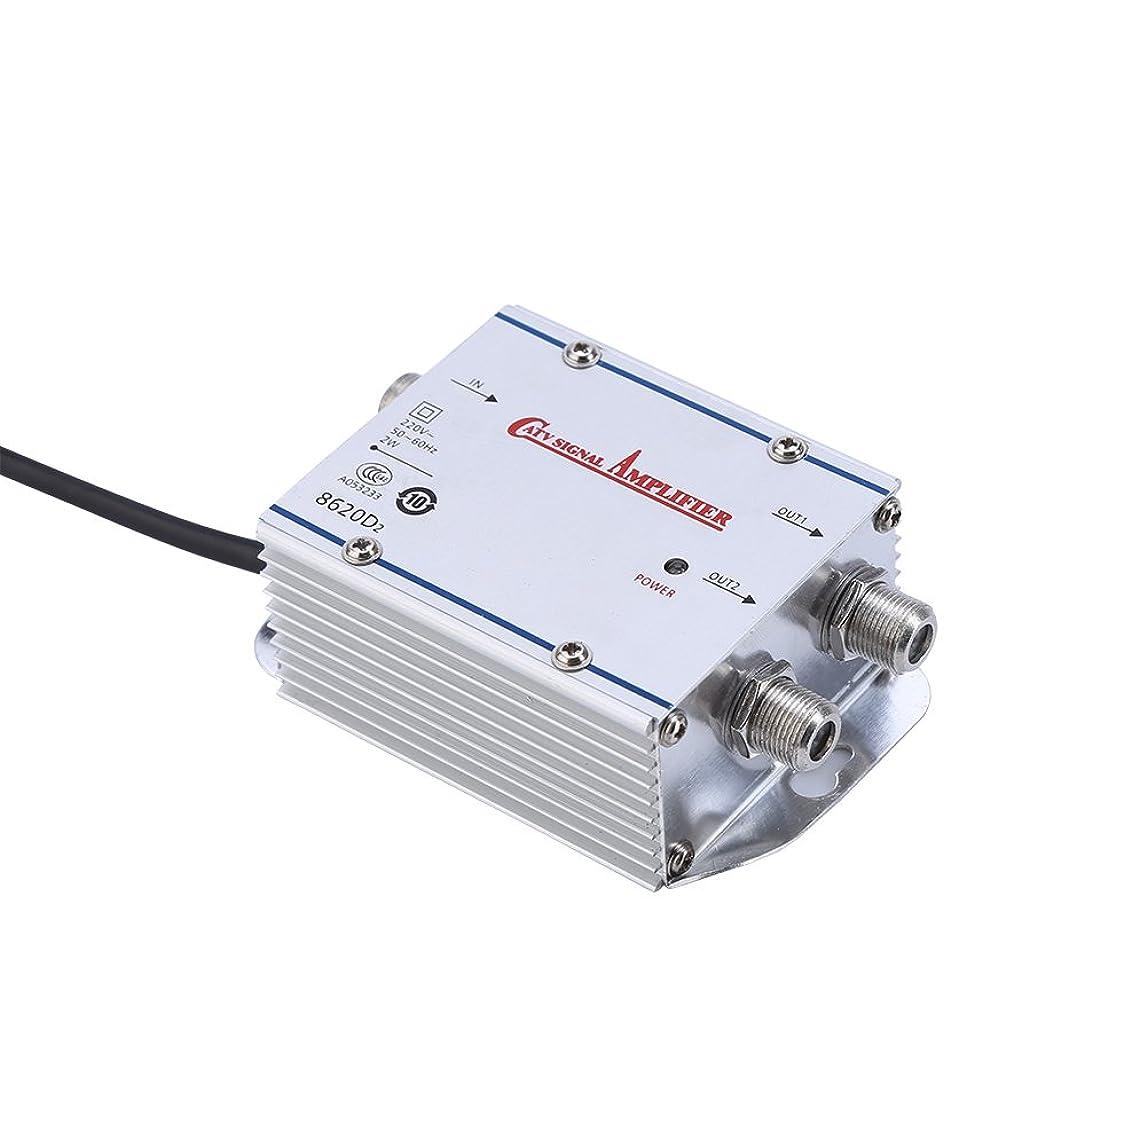 スカープ無し不公平Richer-R TV信号増幅器 標準AC 220V 2ウェイCATV信号増幅器 低ノイズ電流設計 ビデオアプリケーションスプリッタアダプタ